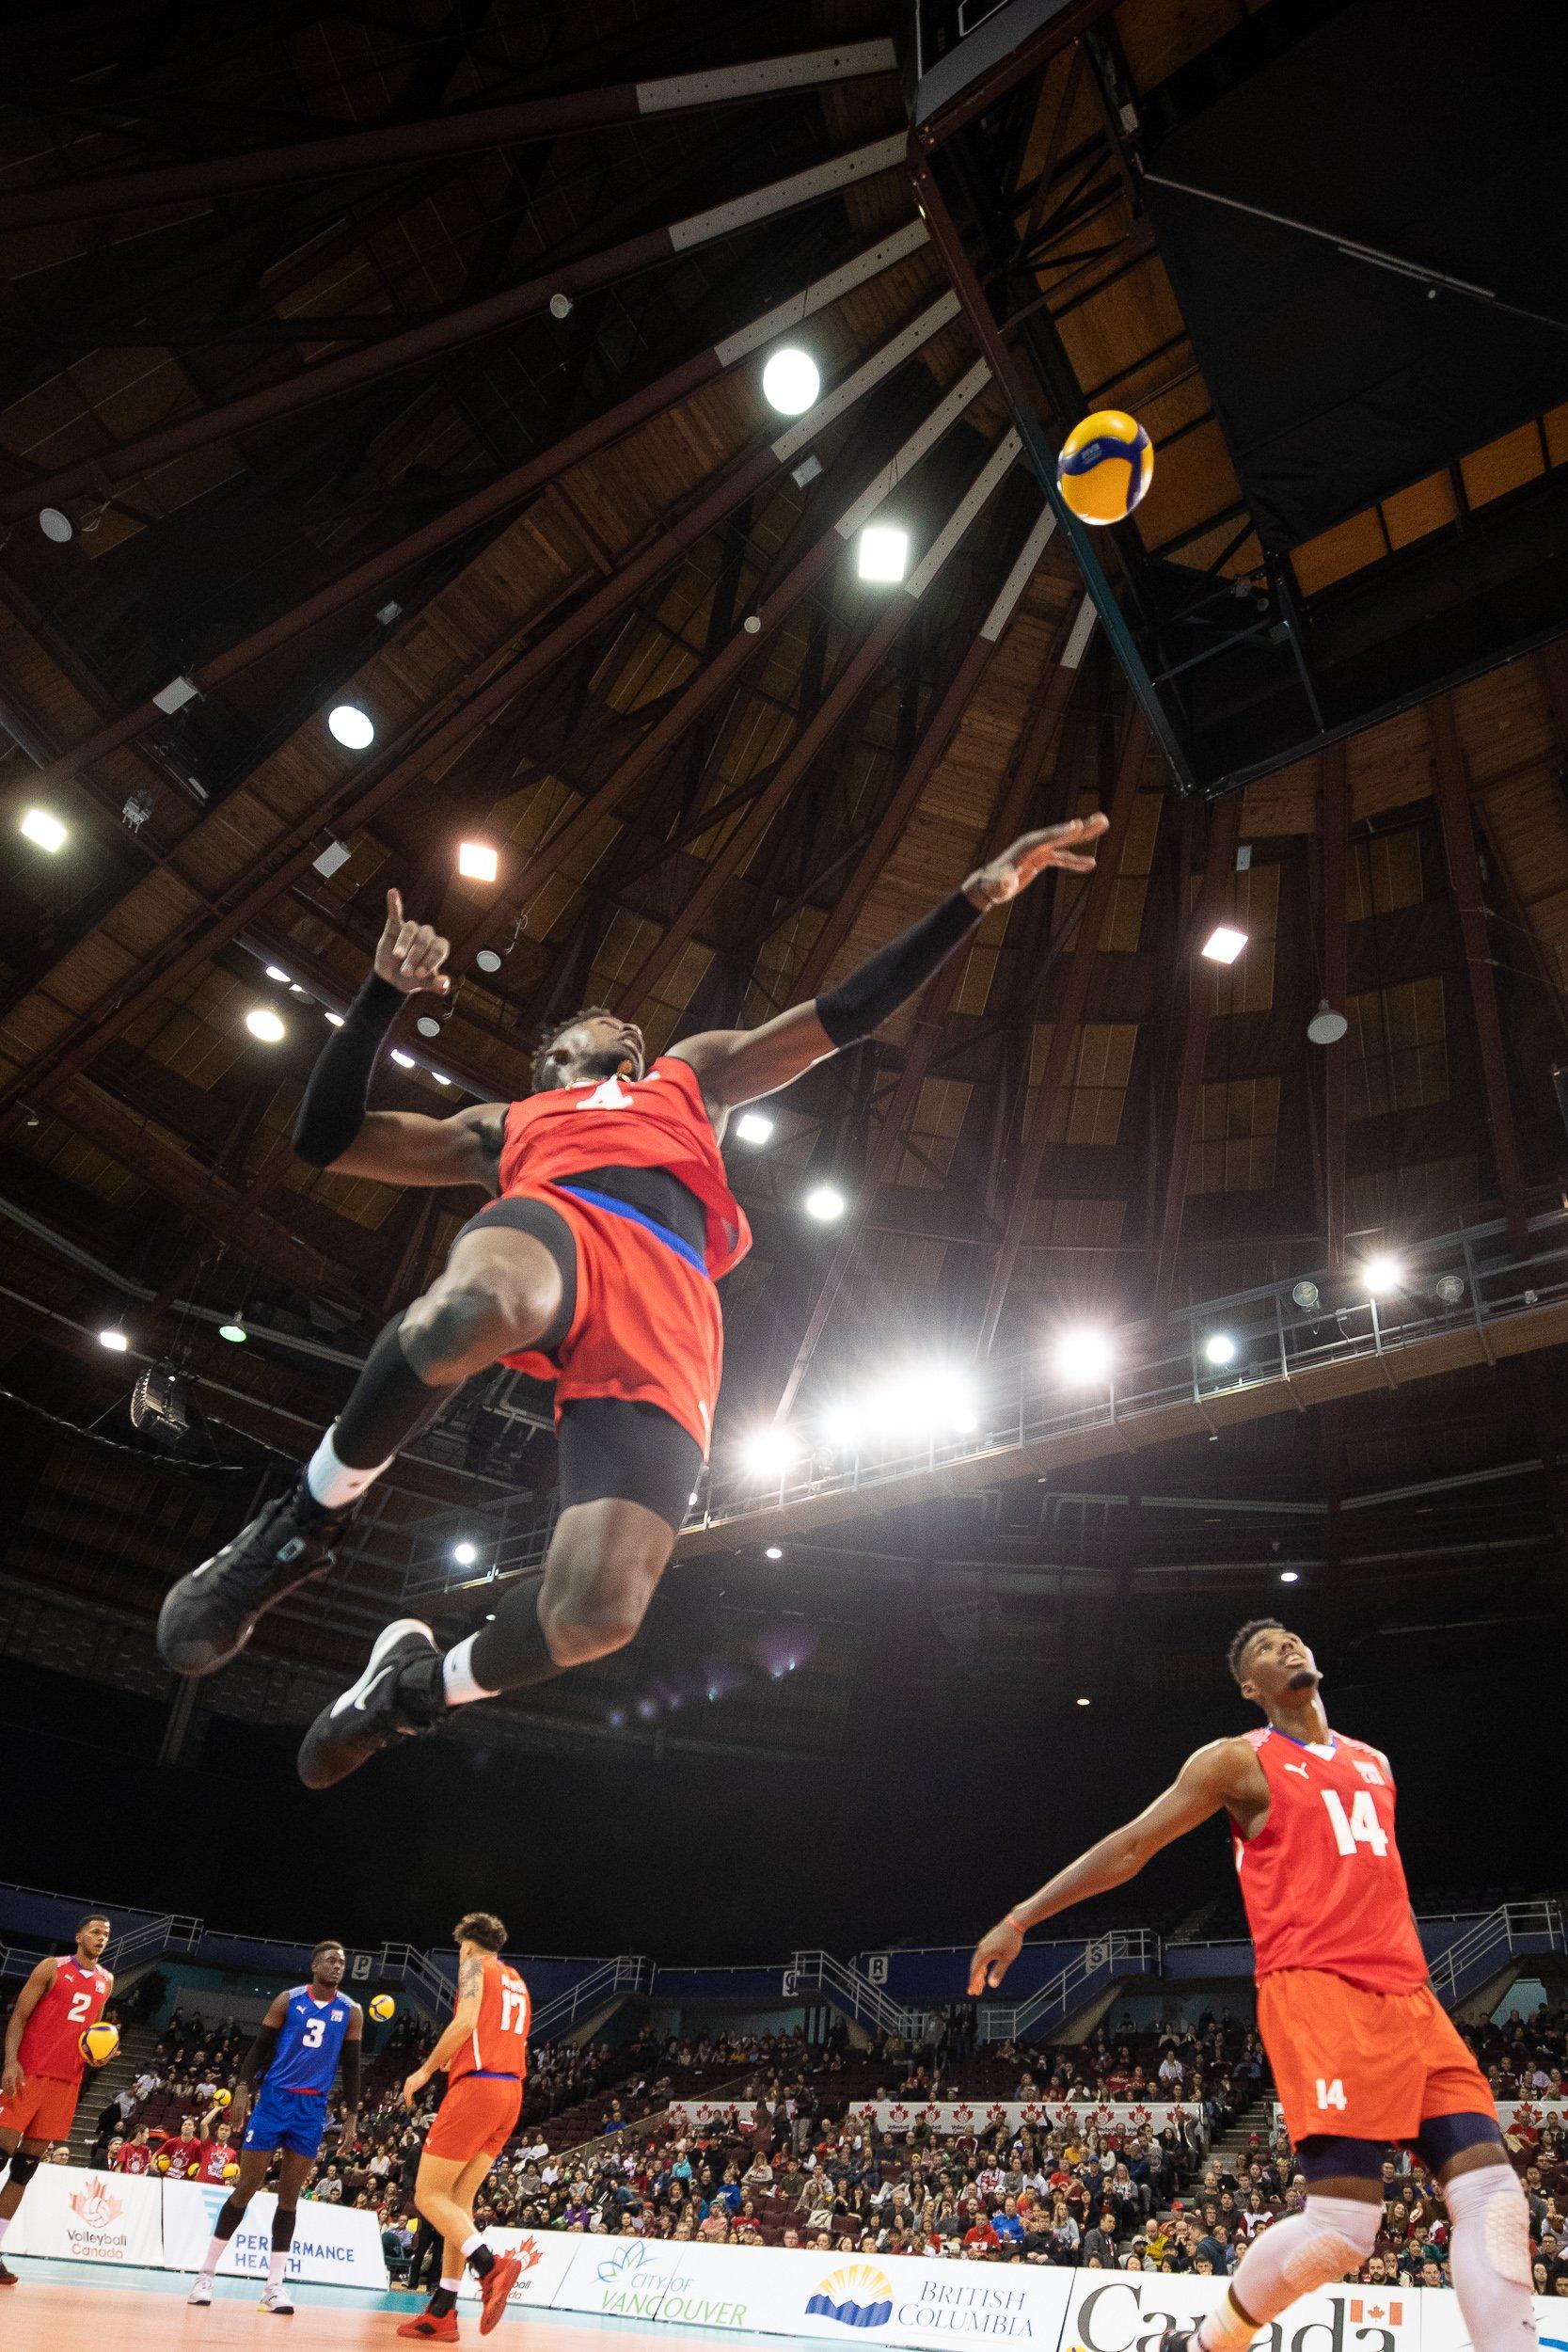 Desde pequeño Marlon Yant despegaba con mucha potencia. Foto: Getty Images.